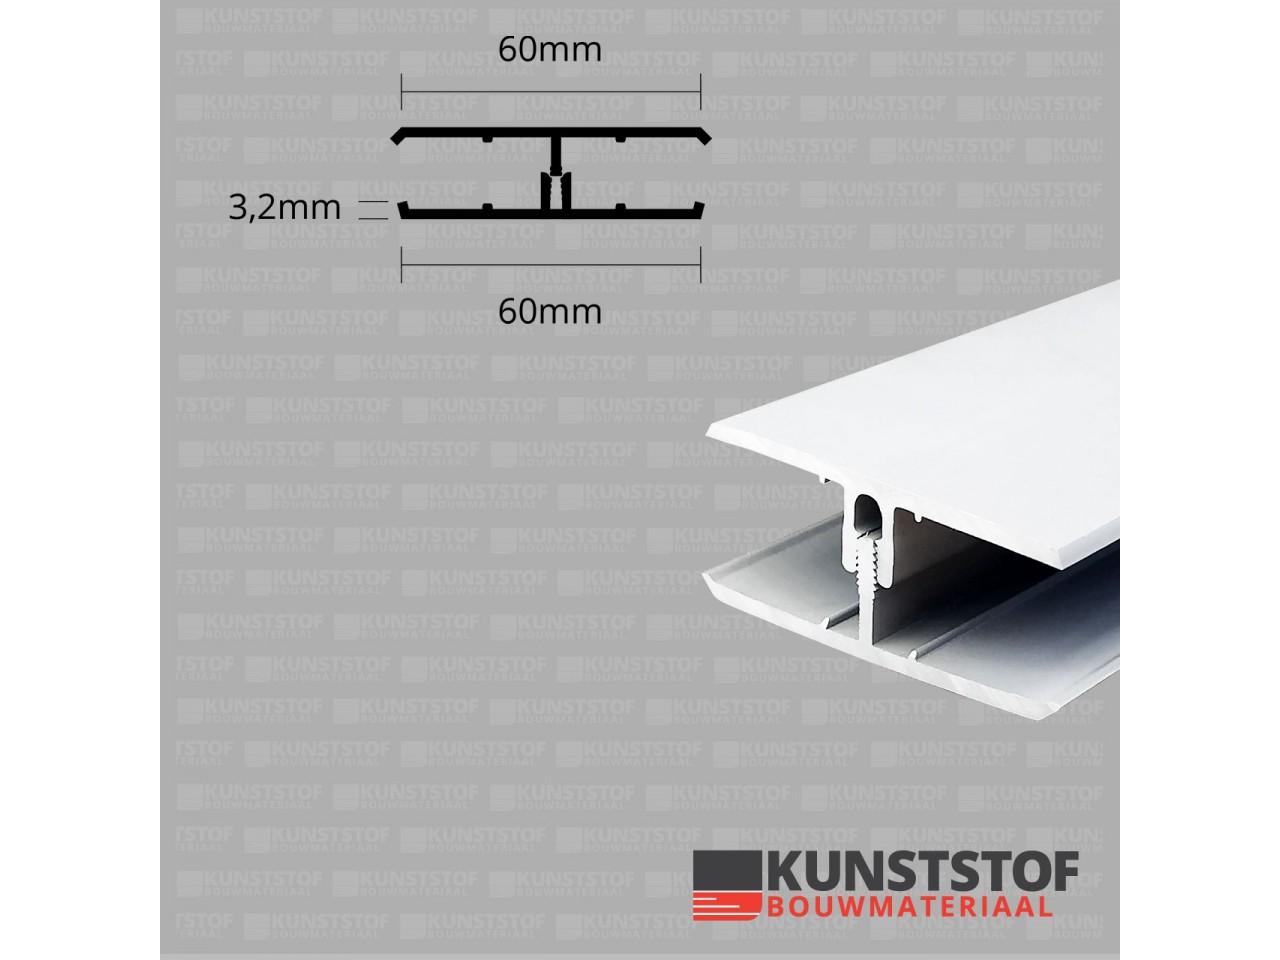 Eurotexx Dubbel Rabat - potdeksel 50mm verbindingsprofiel 2 delig kunststof gevelbekleding profiel in de kleur wit - RAL 9010